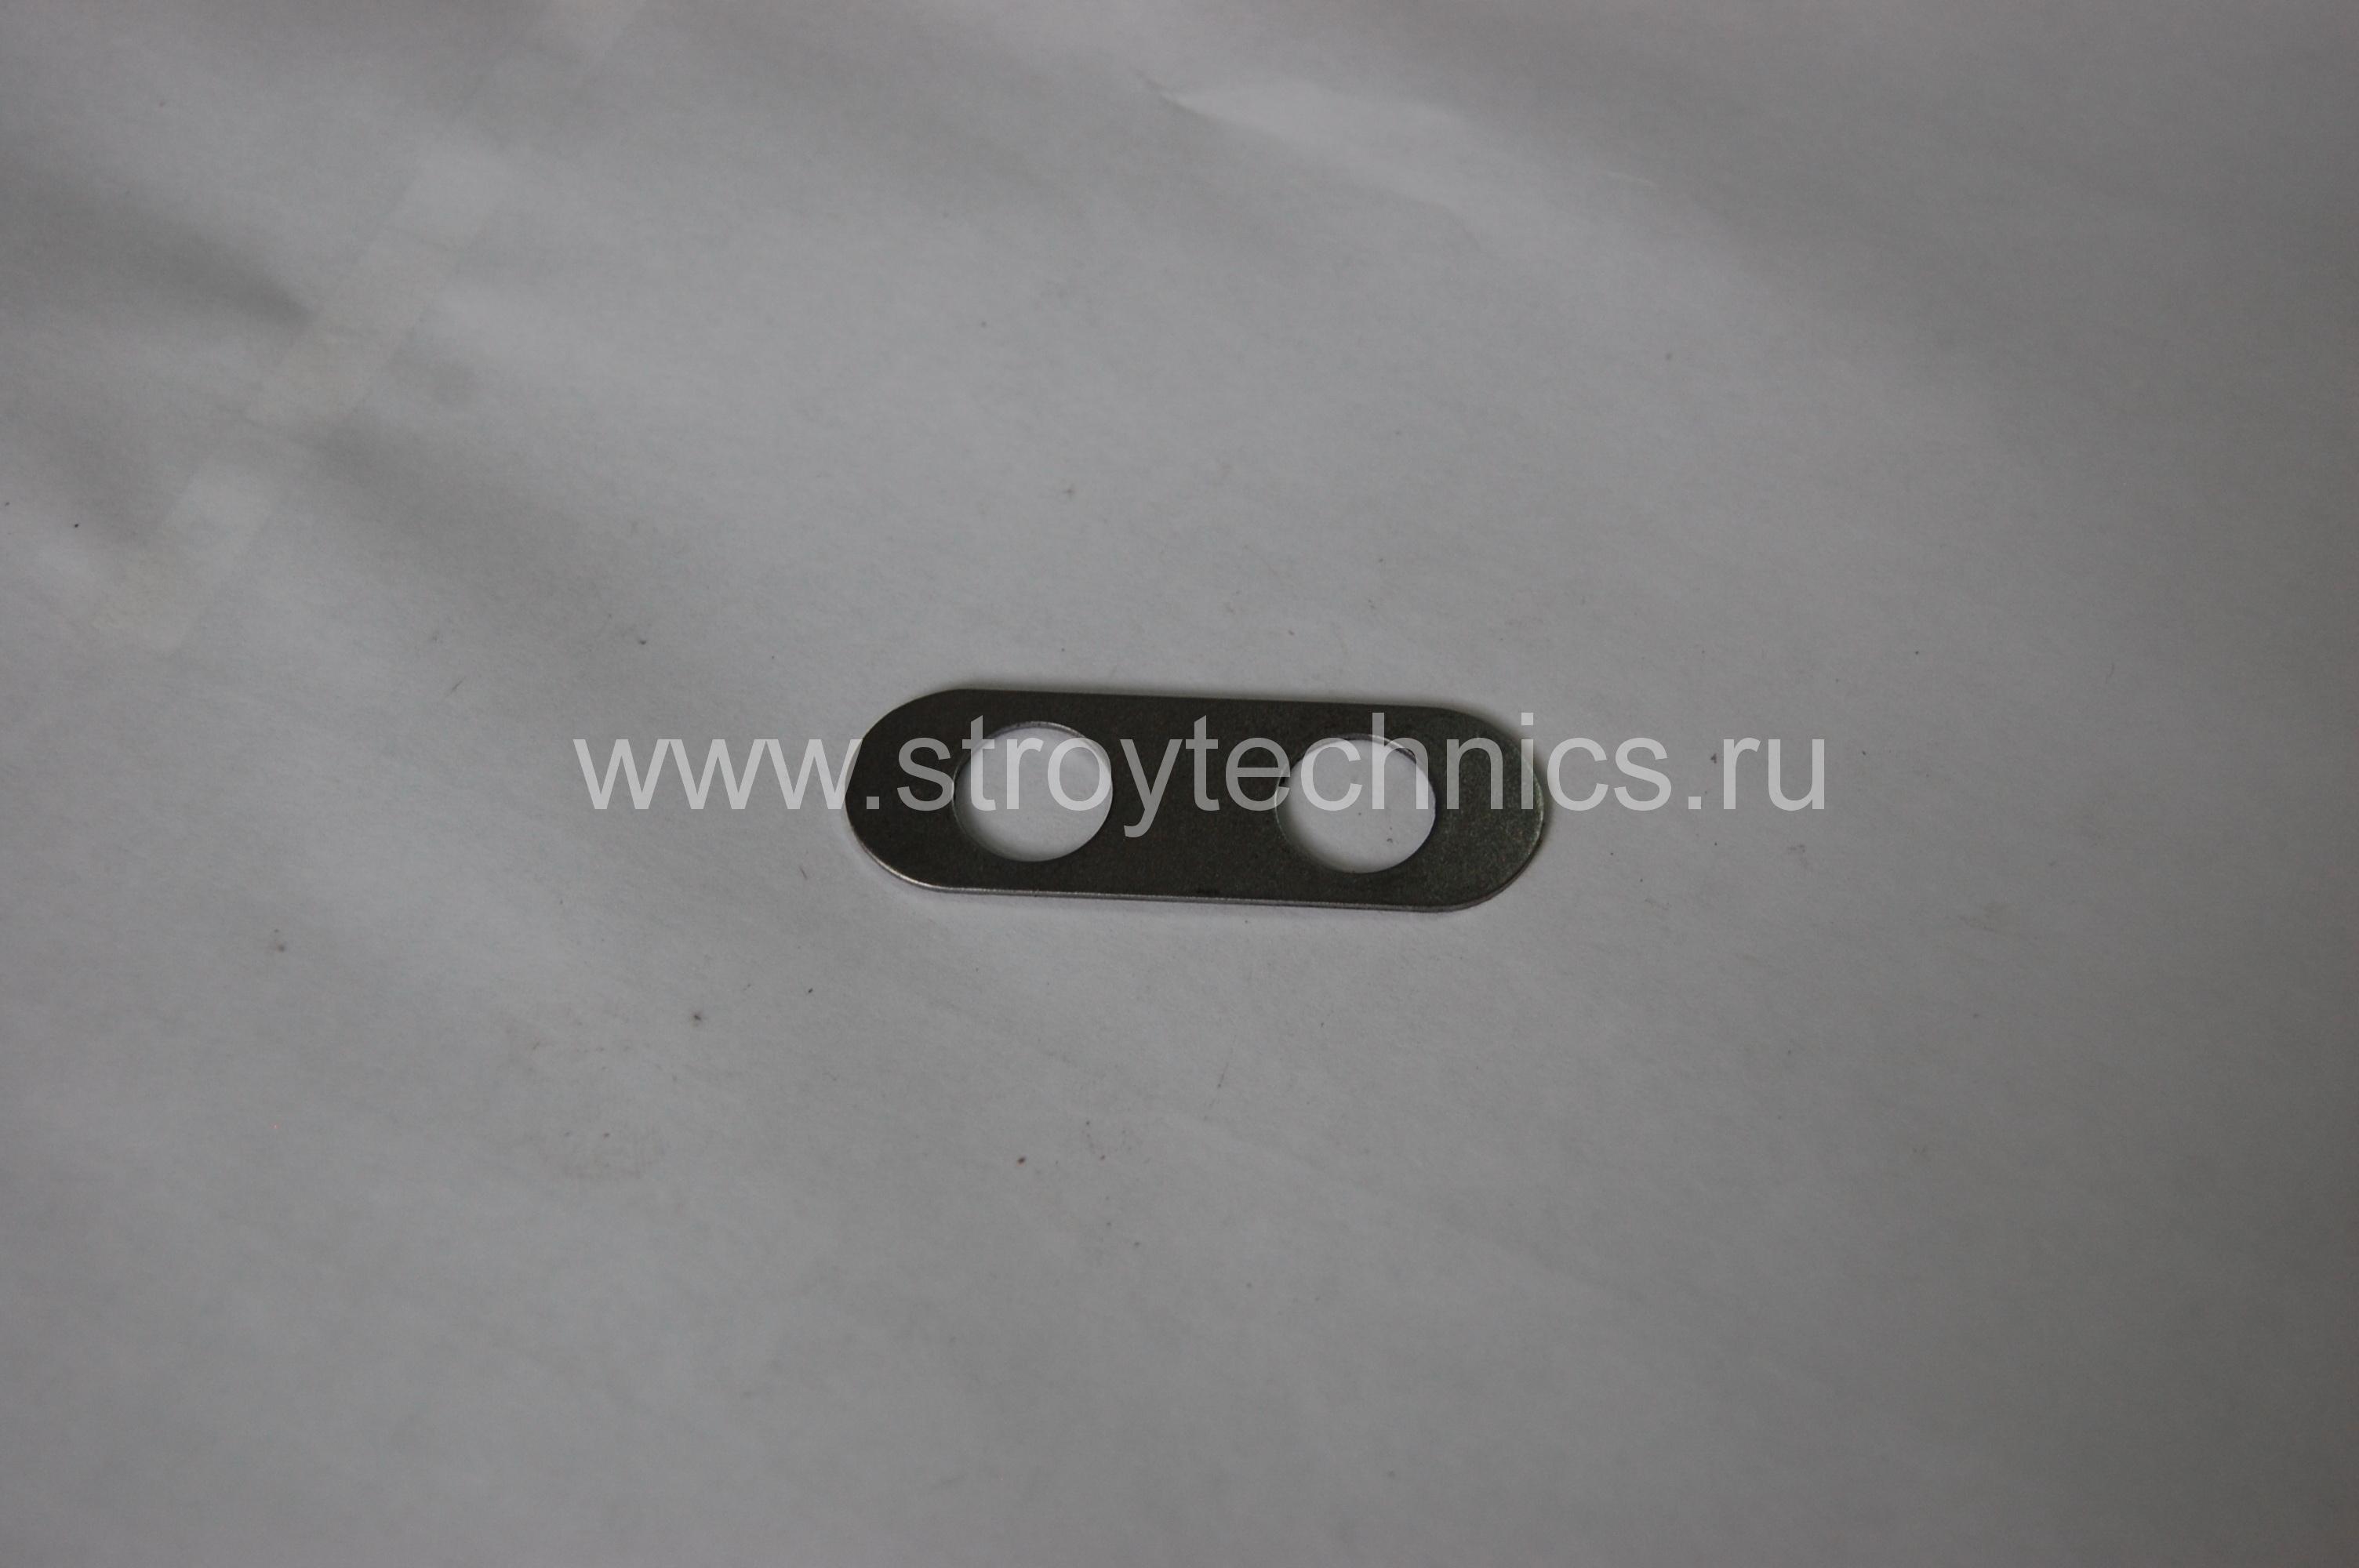 Планка стопорная болтов фиксатора балансира (47-3203055-01) ГАЗ-71, ЗЗГТ